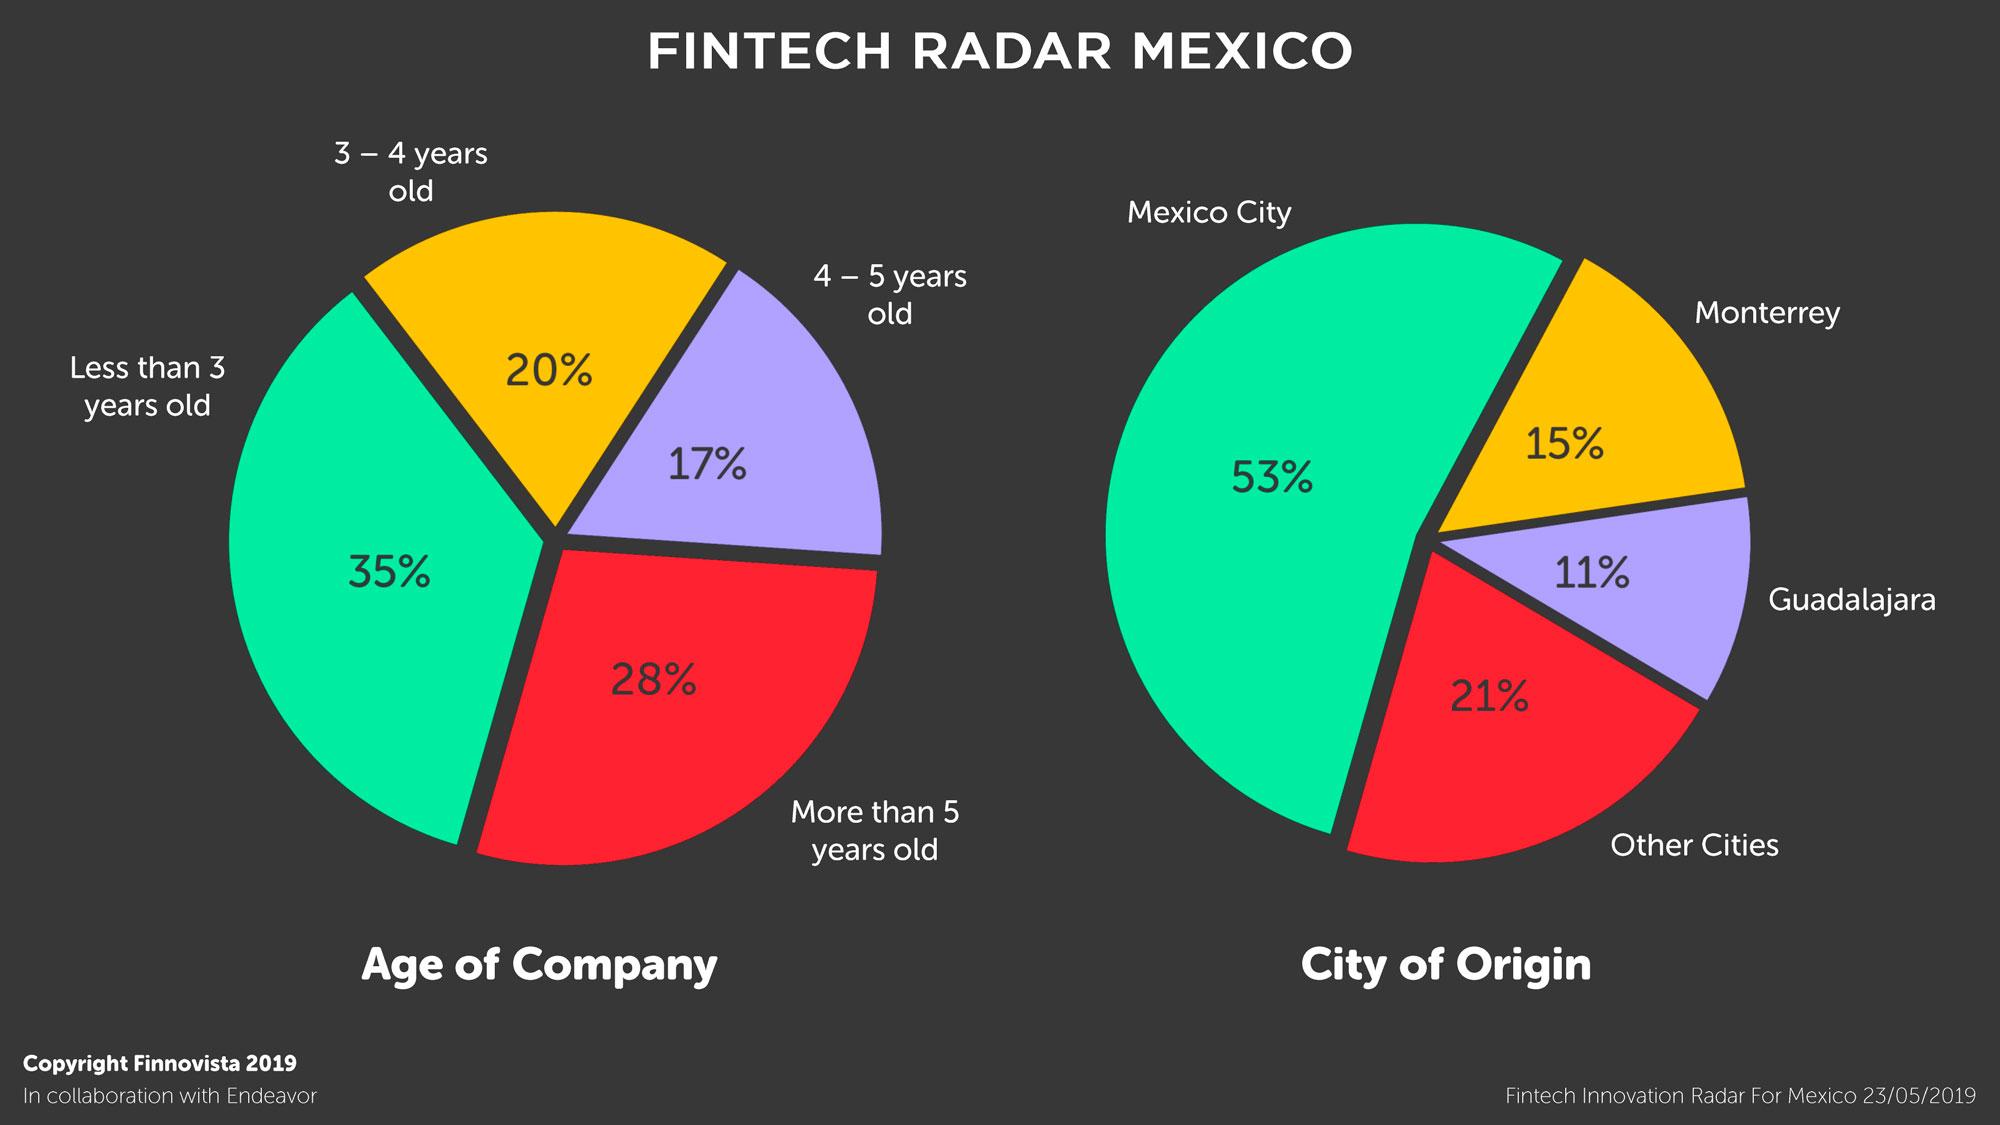 03-Graficos-Fintech-Radar-Mexico-1-2